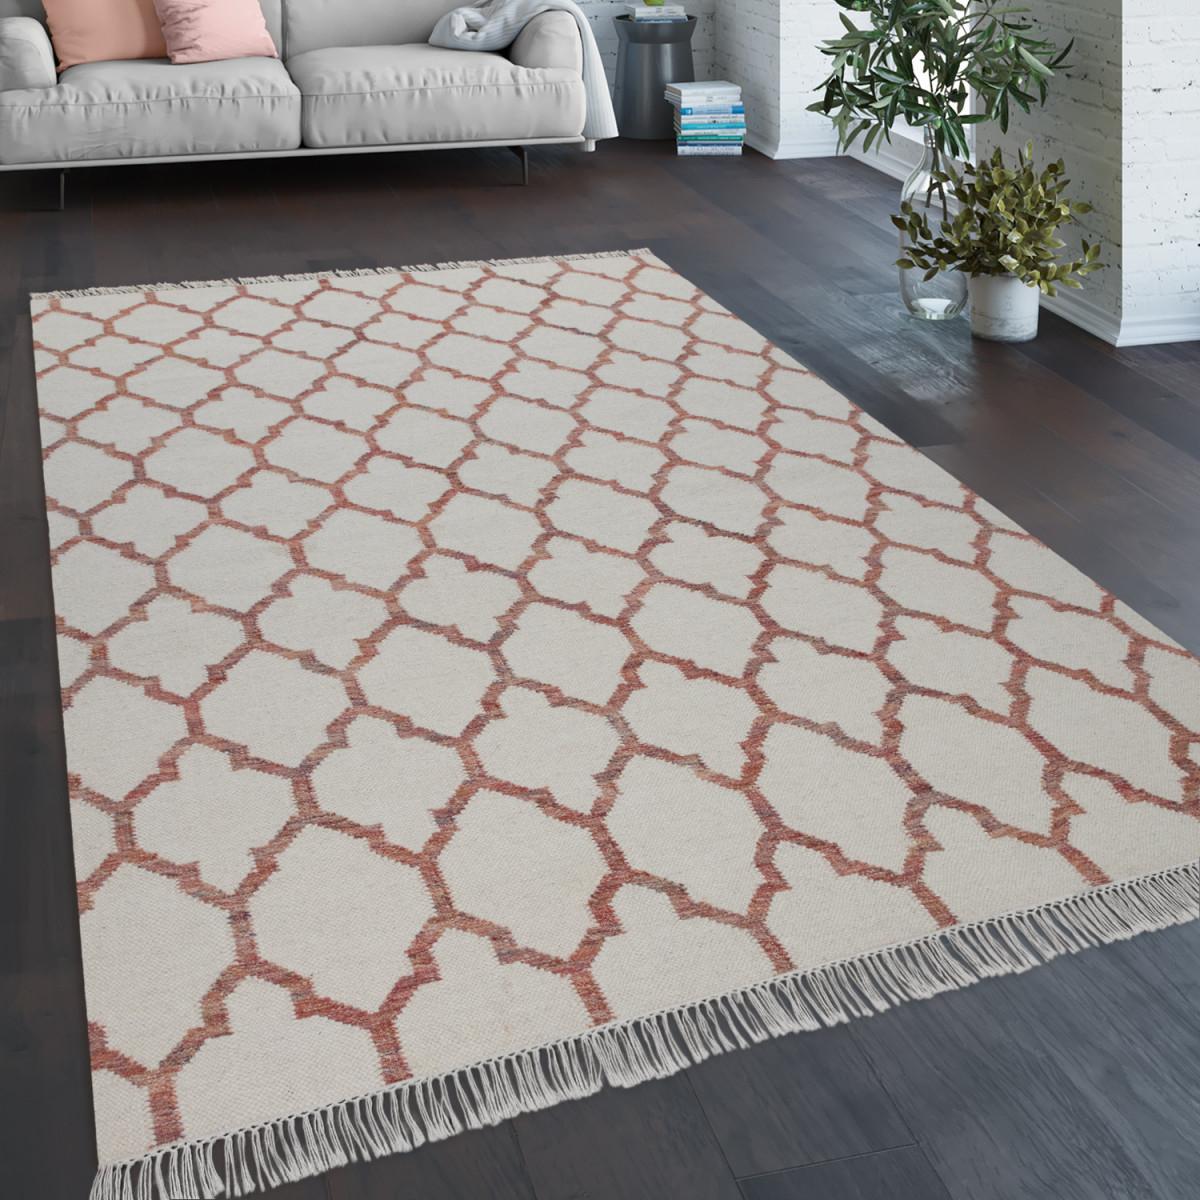 Teppich Wohnzimmer Marokkanisches Muster Fransen Handgewebt Wolle Beige Rot von Teppich Wohnzimmer Wolle Bild